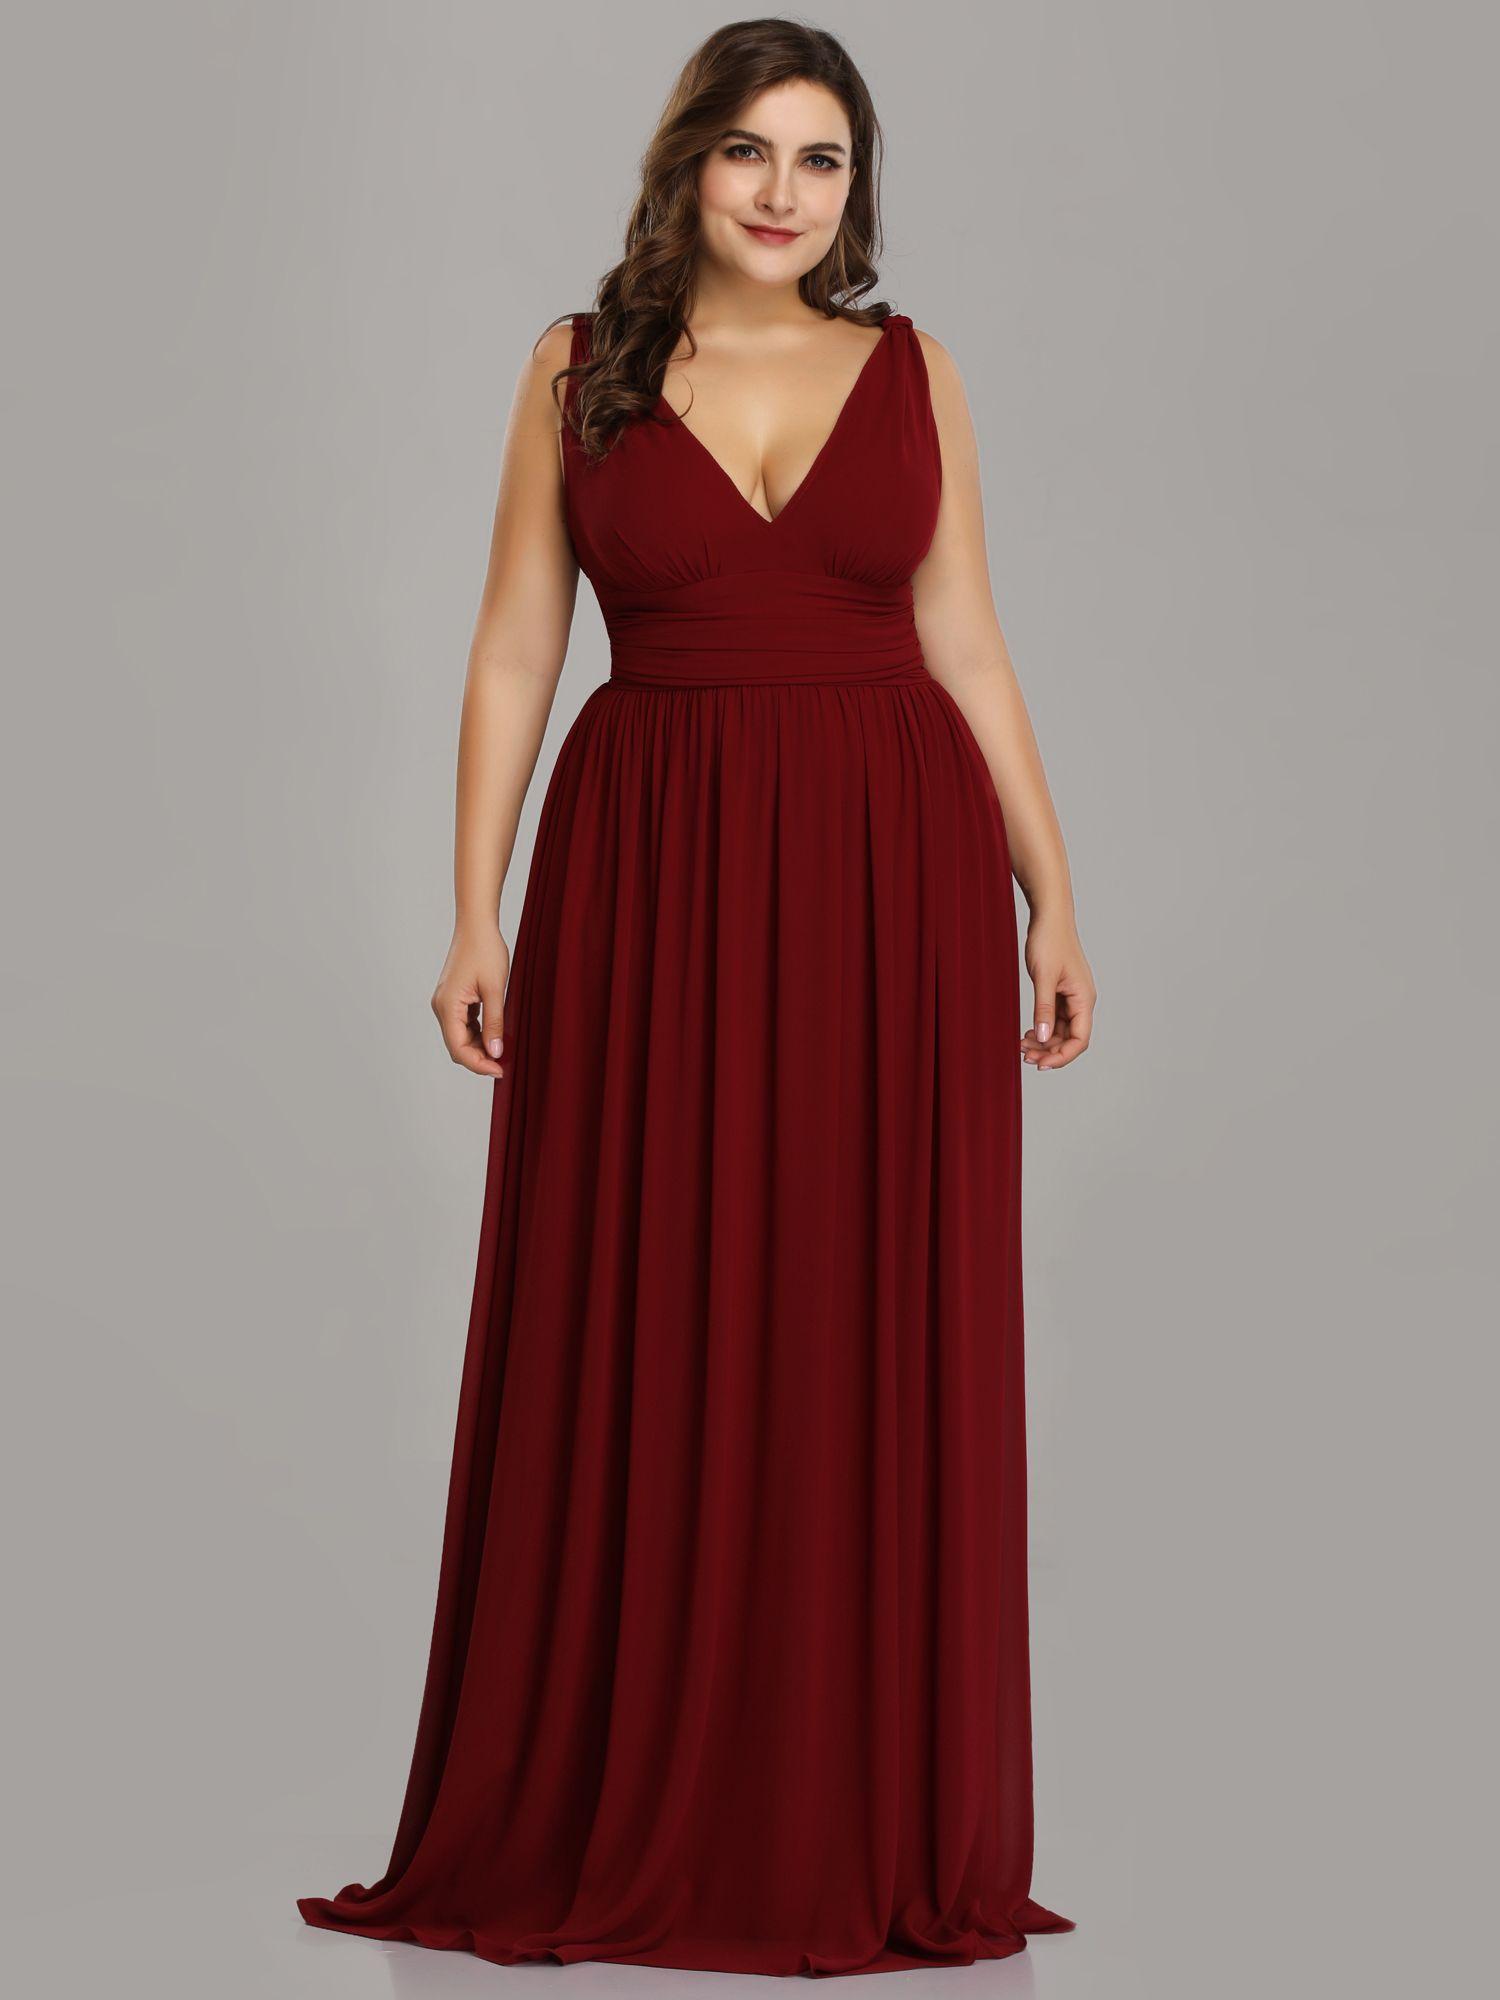 e6cba7c1763ef Ever-Pretty Long Wedding Dresses V-neck Burgundy Bridesmaid Prom Gowns  09016 709586283806 eBay Dresses neck Burgundy